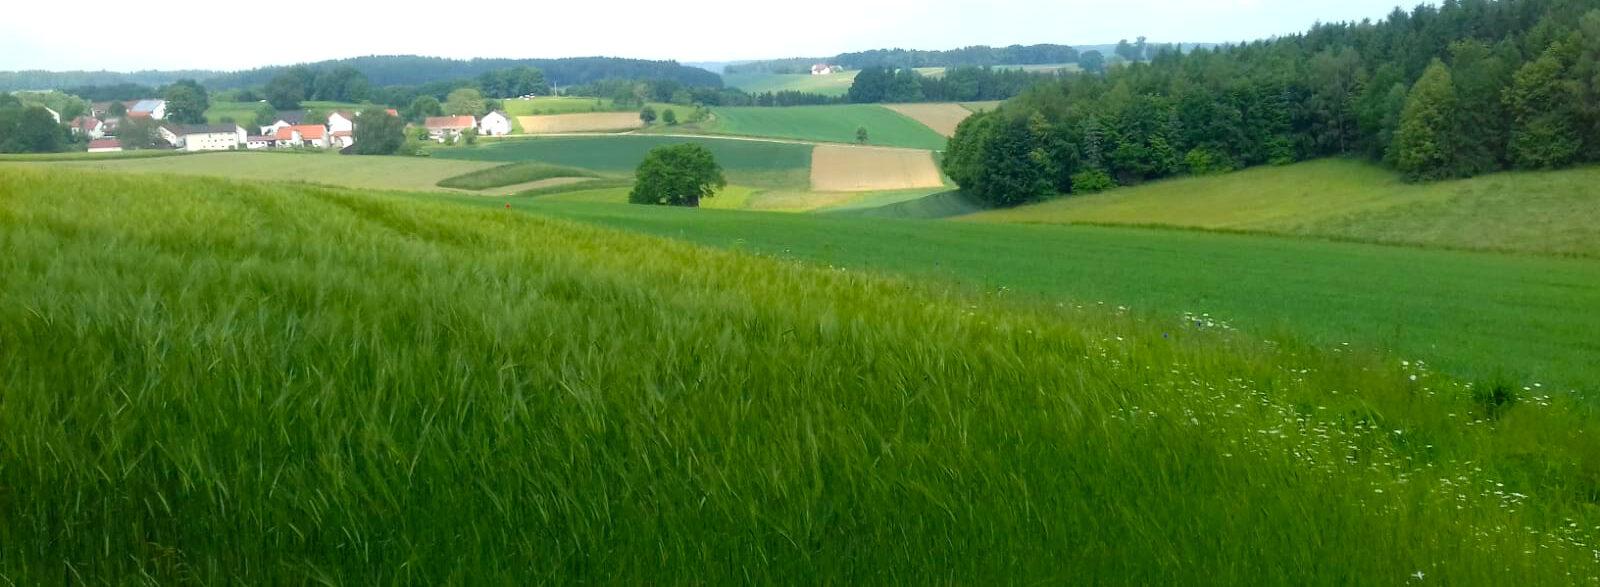 Birgit Monz - Das Leben Spüren - Sommer Wiese